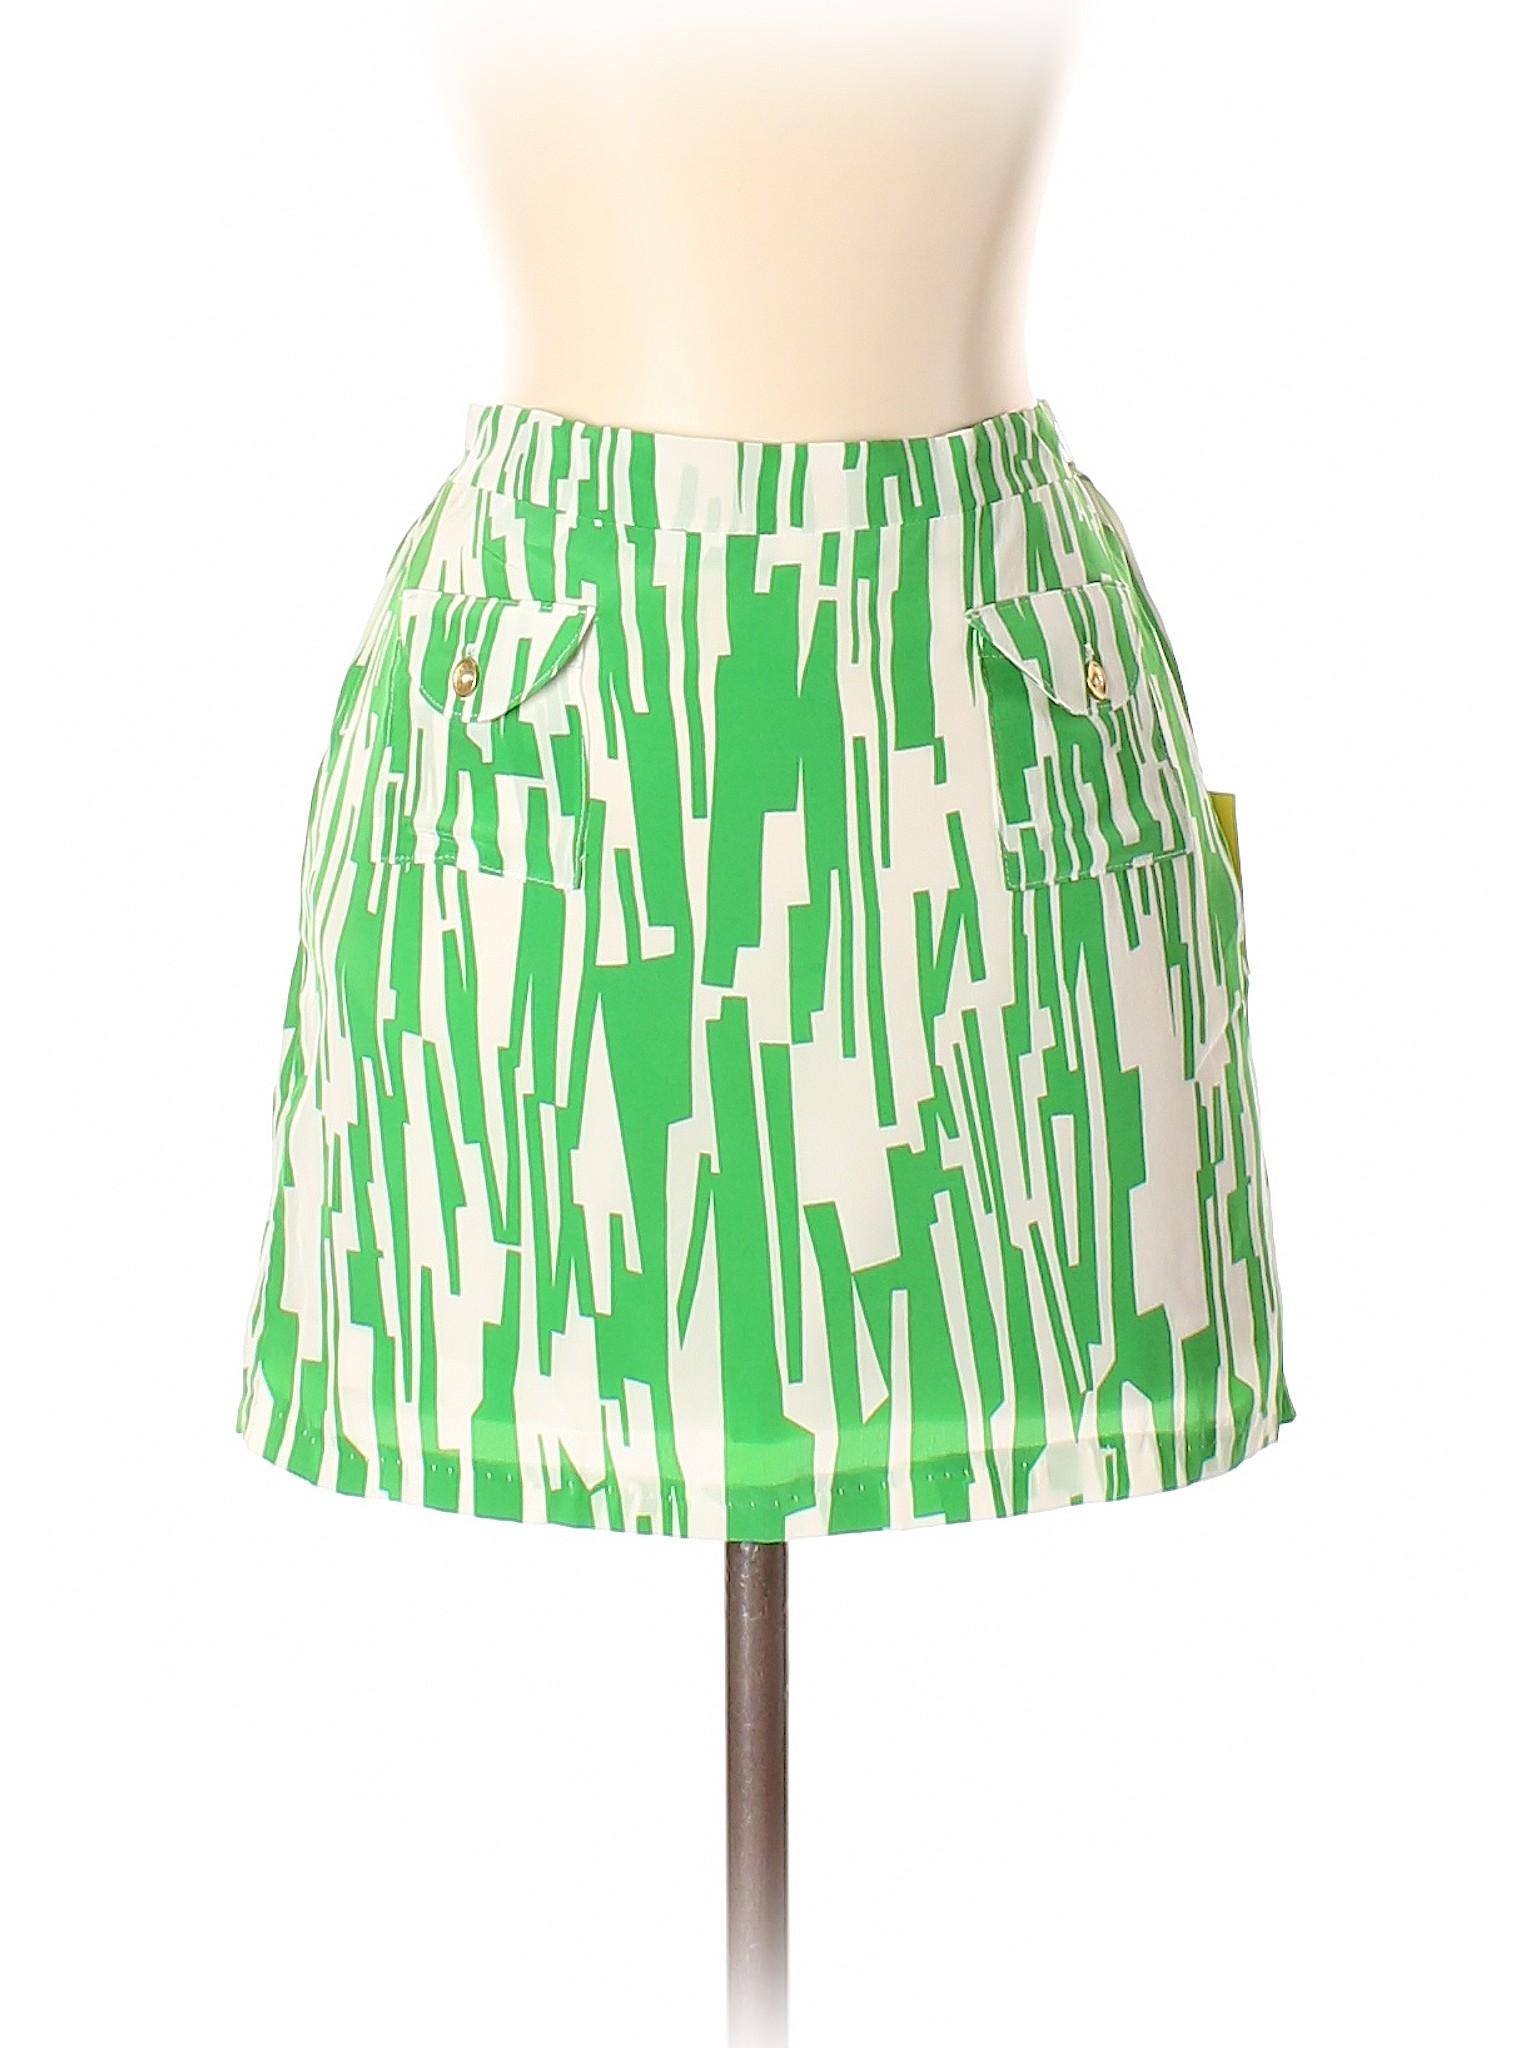 Skirt Boutique Silk Silk Boutique Boutique Silk Skirt PqwHOdP